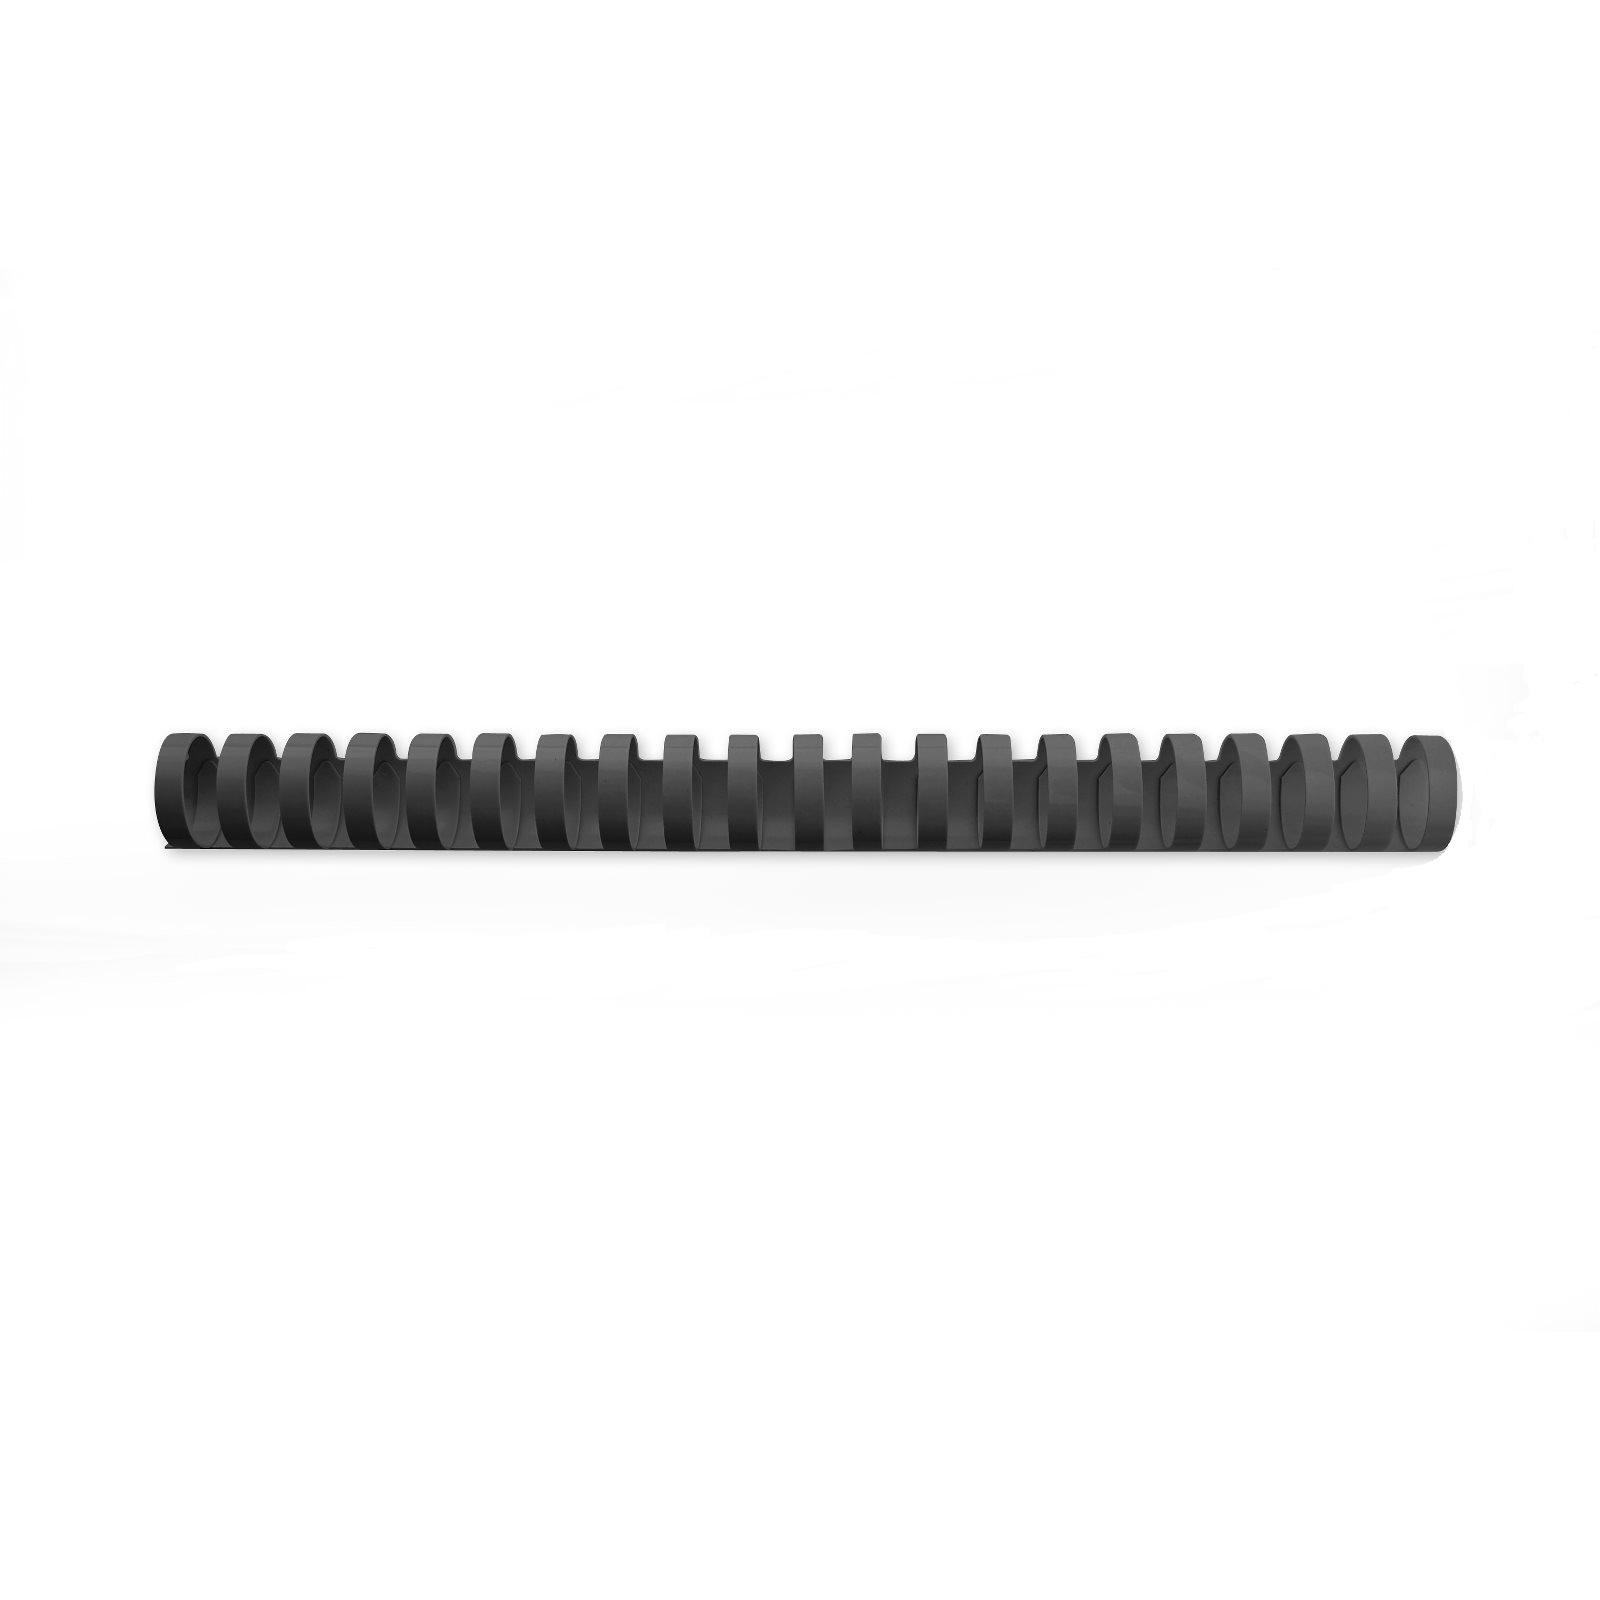 GBC CombBind Binding Combs Plastic 21 Ring A4 19mm BK PK100